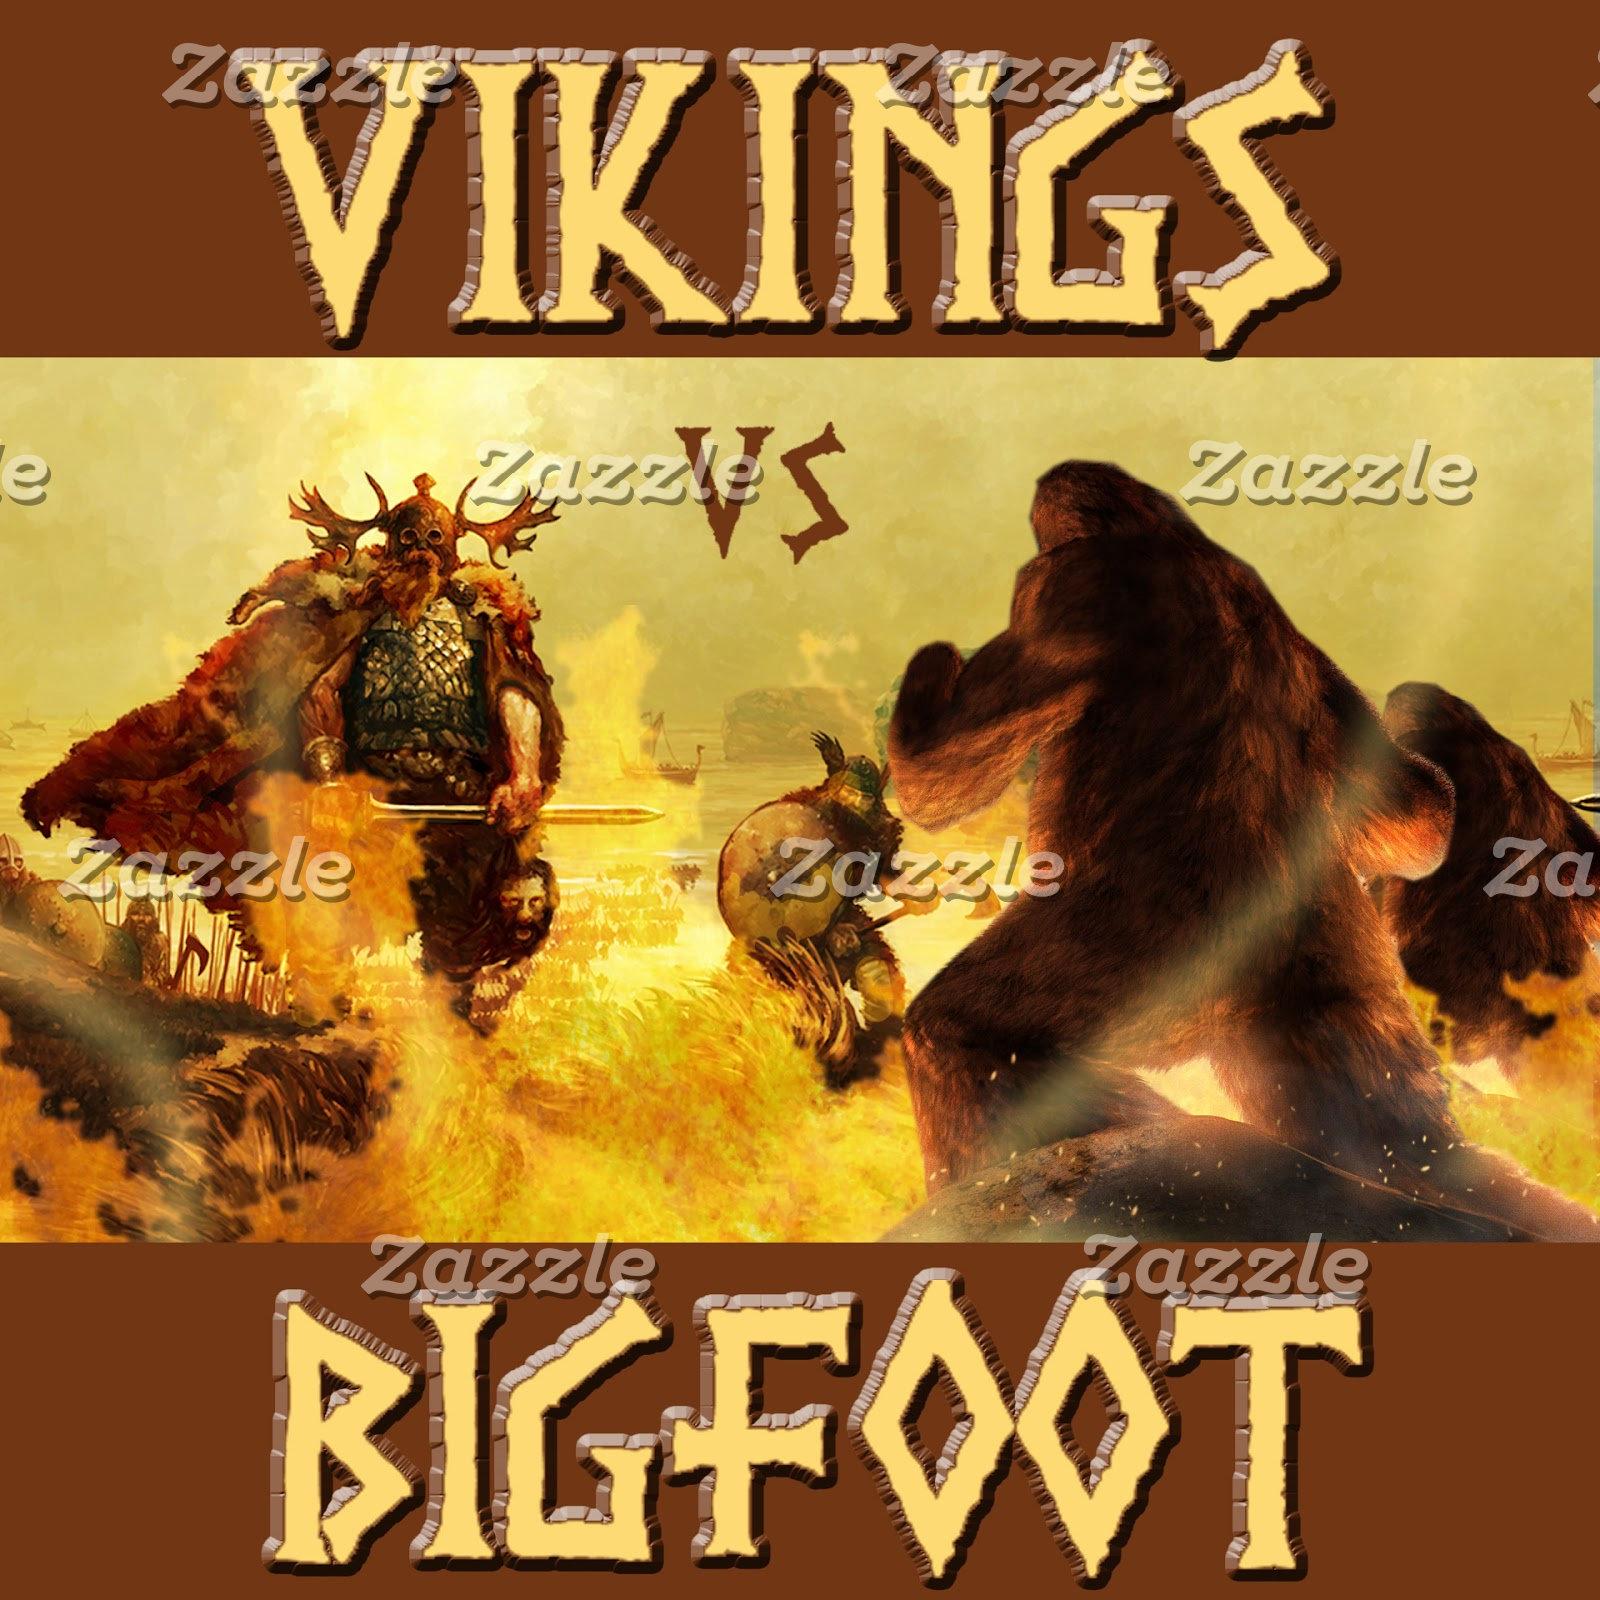 VIKINGS vs. BIGFOOT